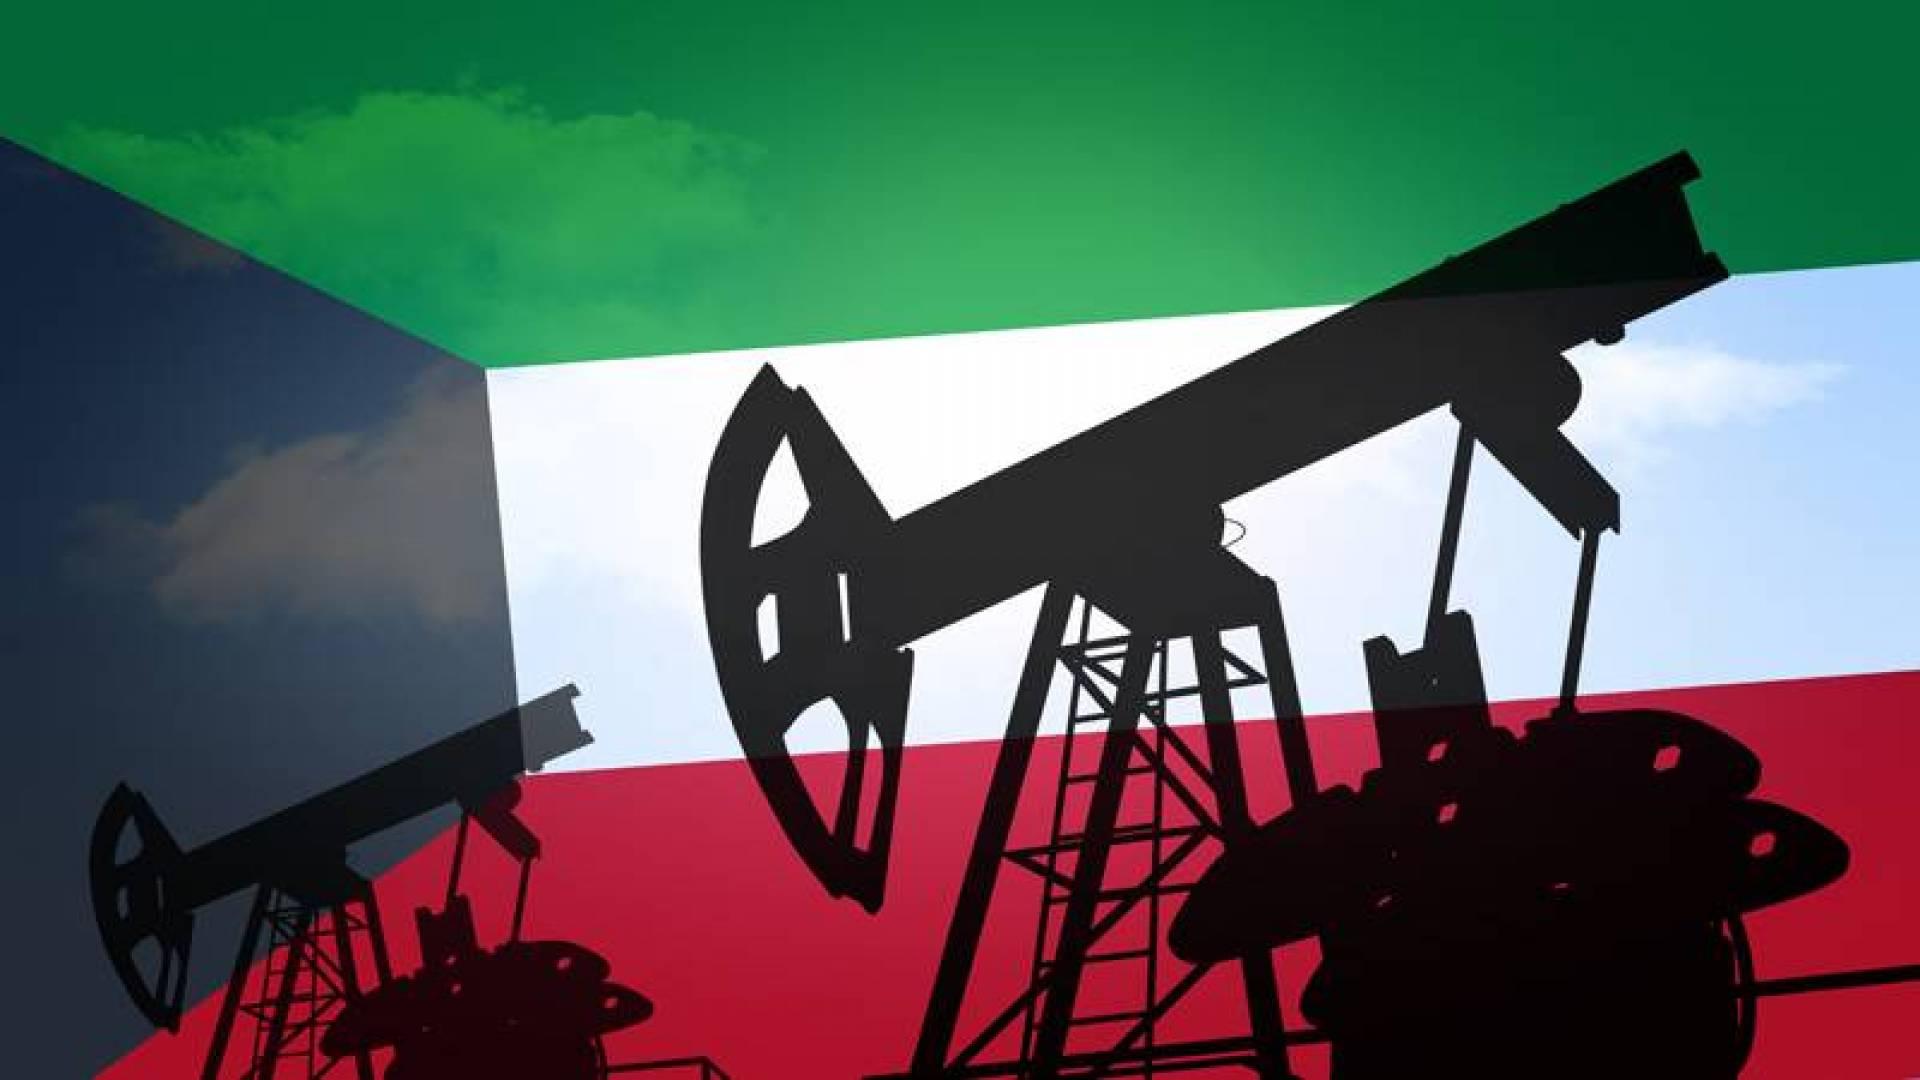 نفط الكويت يفقد أسواقاً في الصين وشرق آسيا